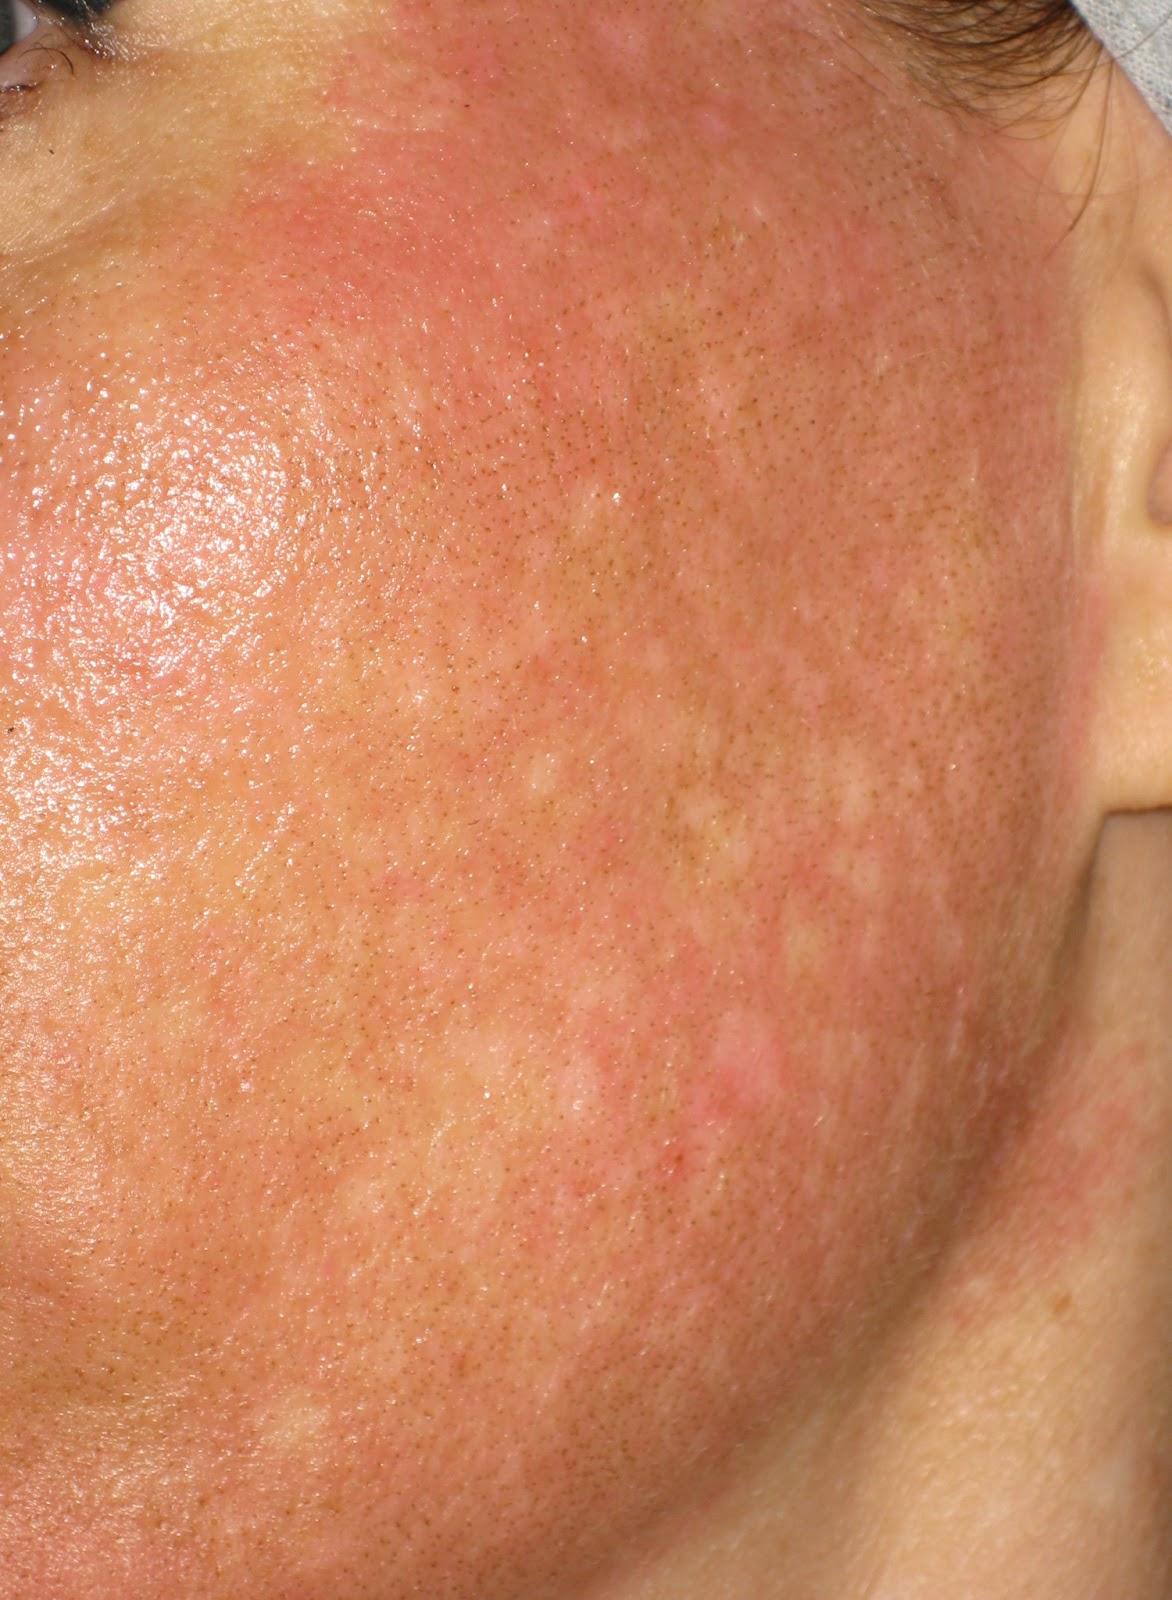 lézeres pikkelysömör kezelés vélemények a bőr vörös foltú foltja nedves lesz